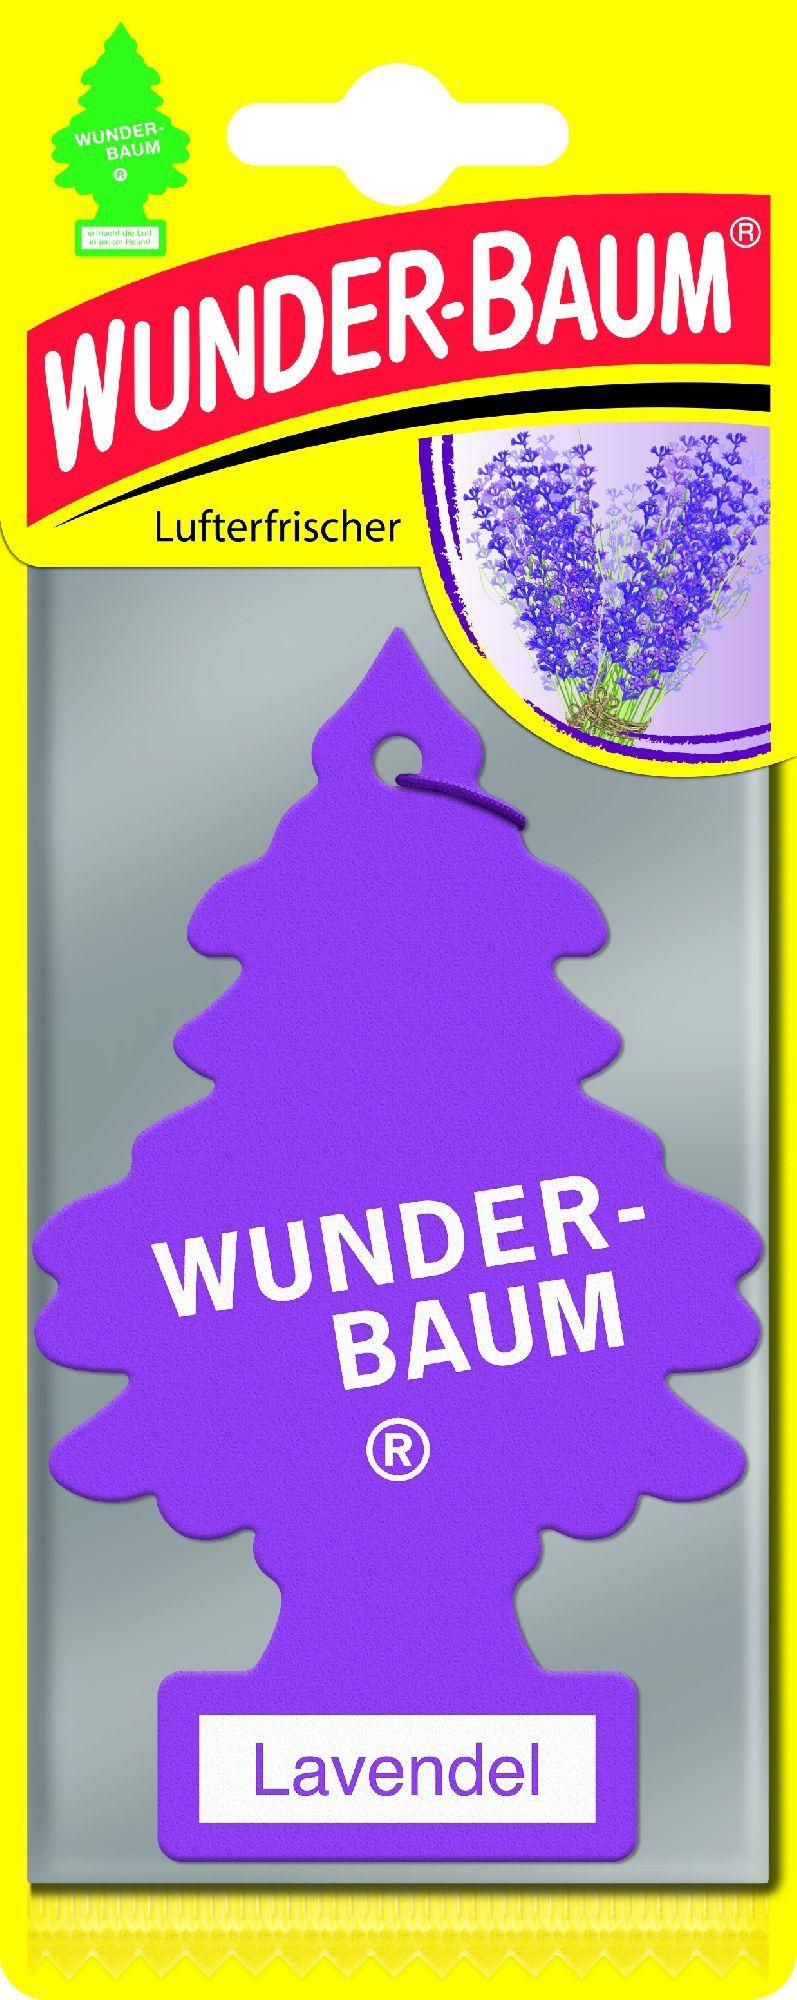 WUNDER-BAUM Zapach choinka Lawenda (23-049) 1